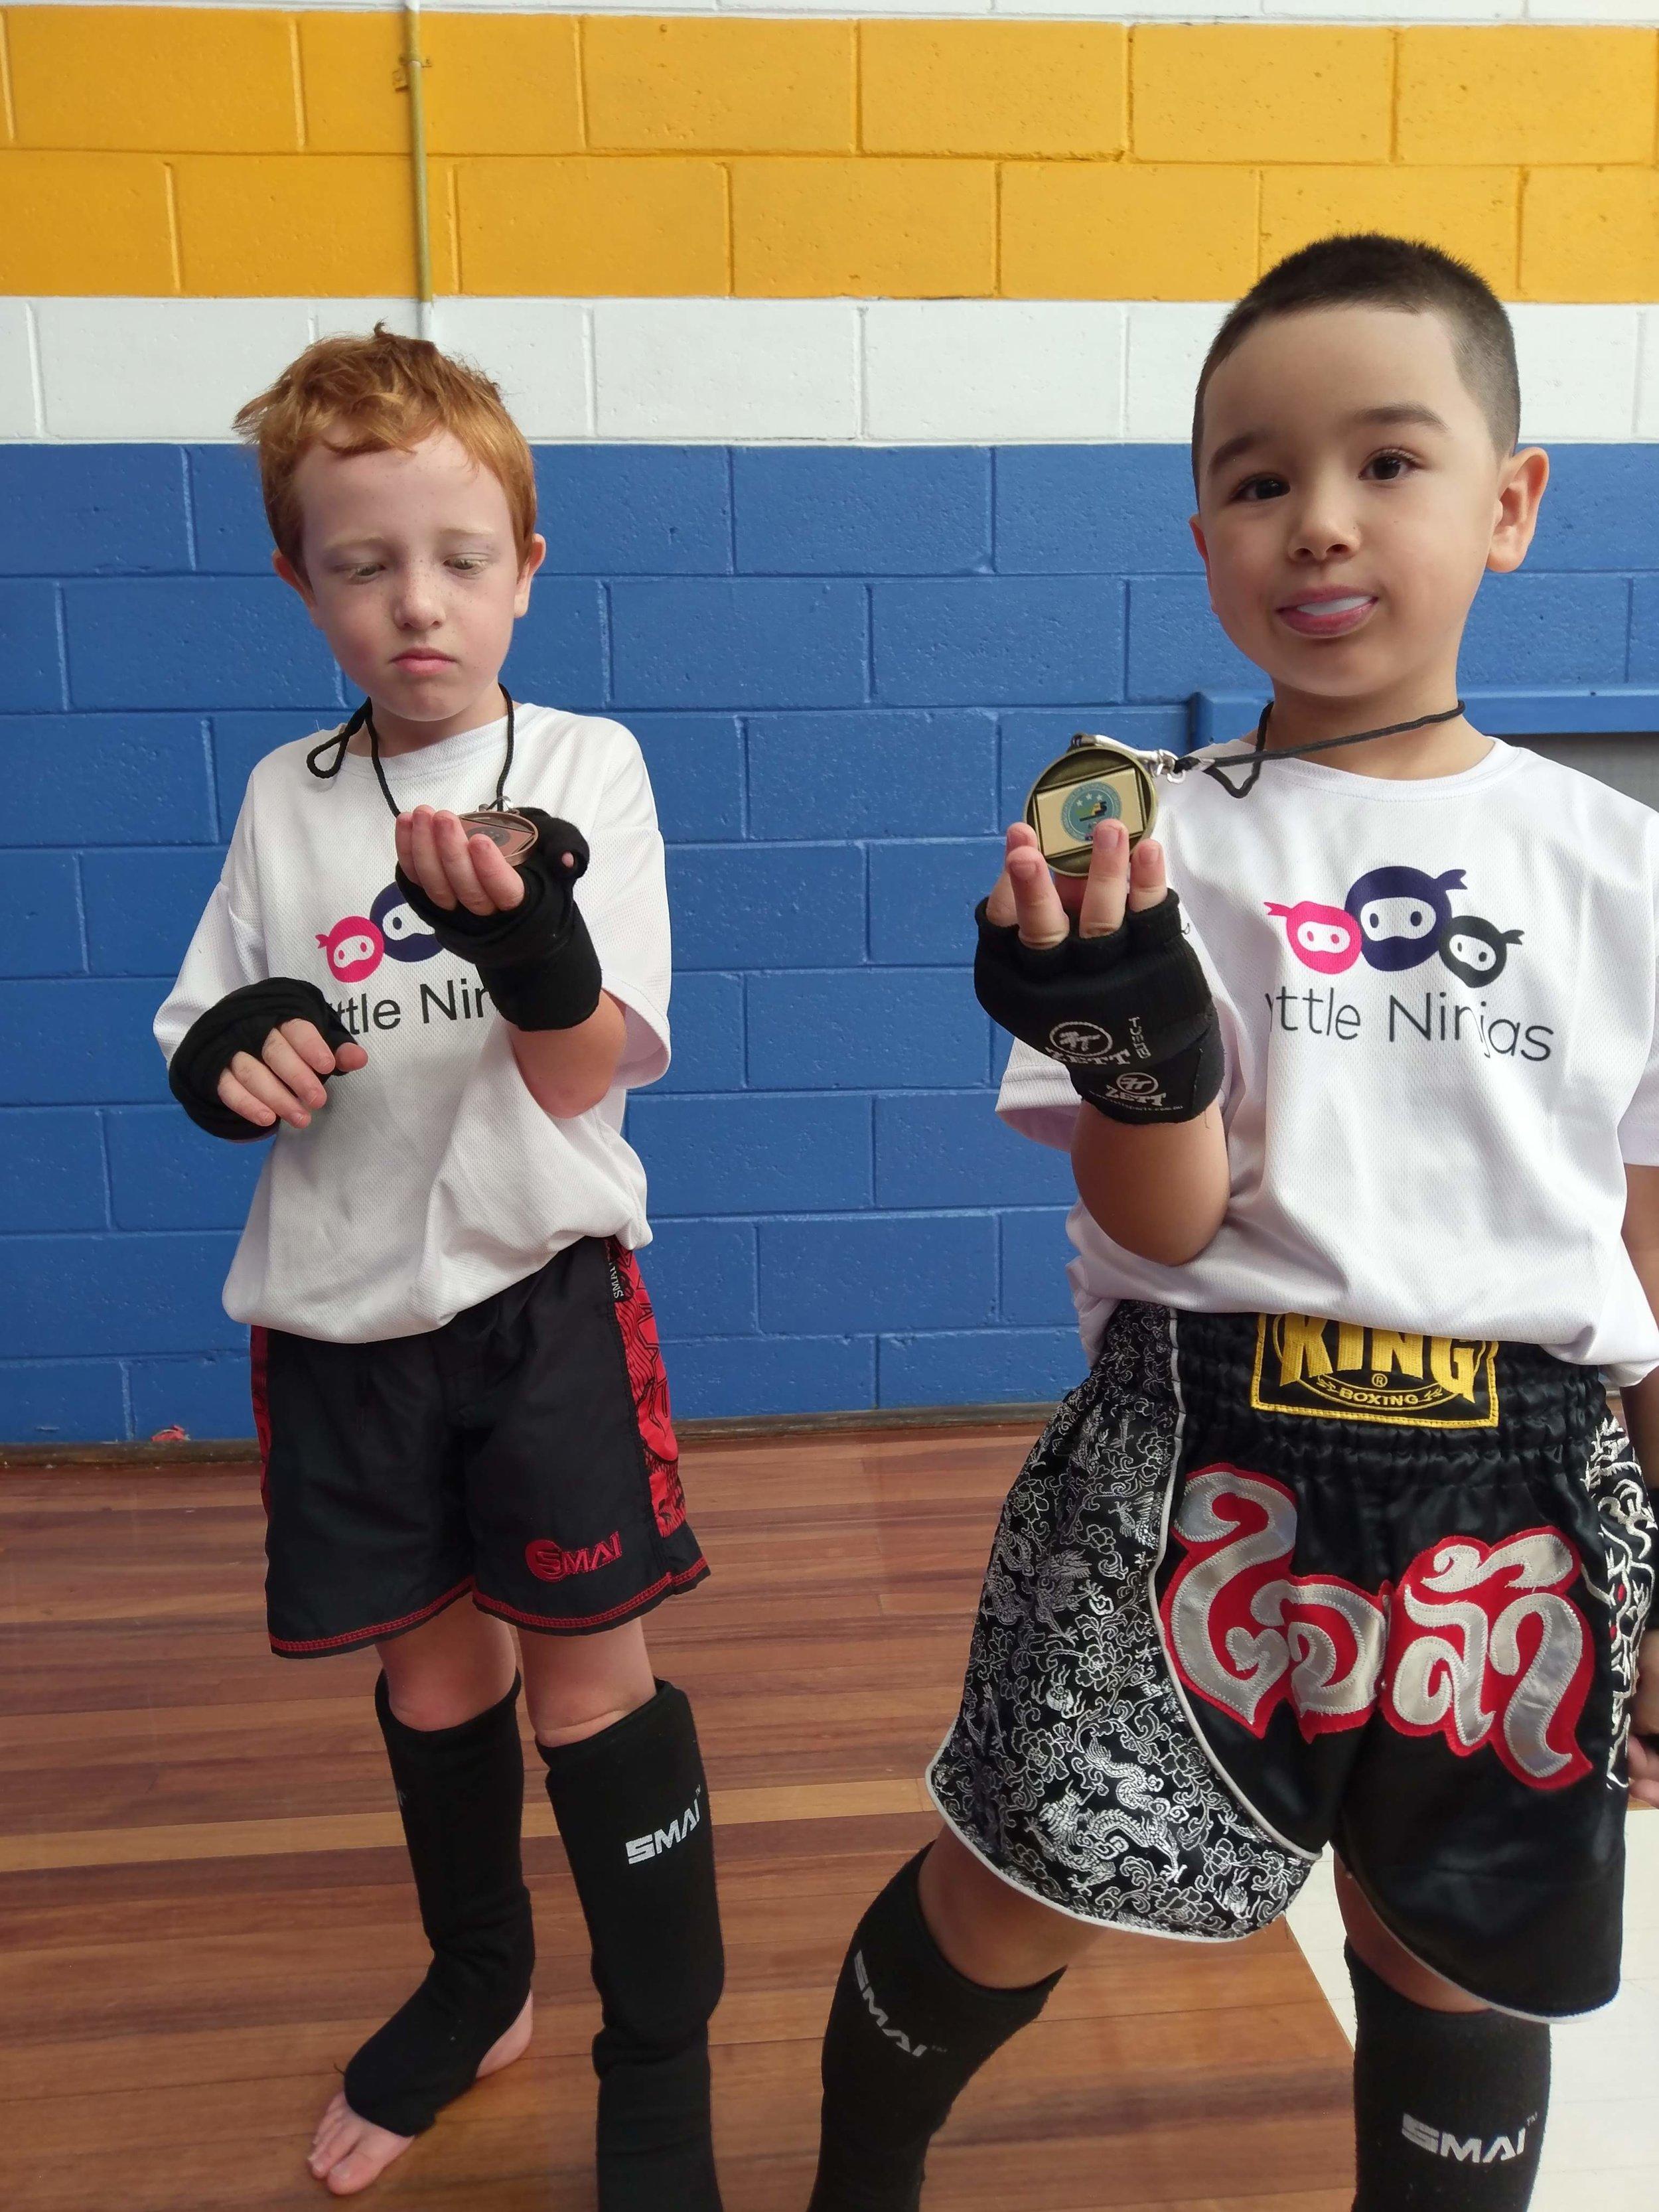 martialarts kids sydney